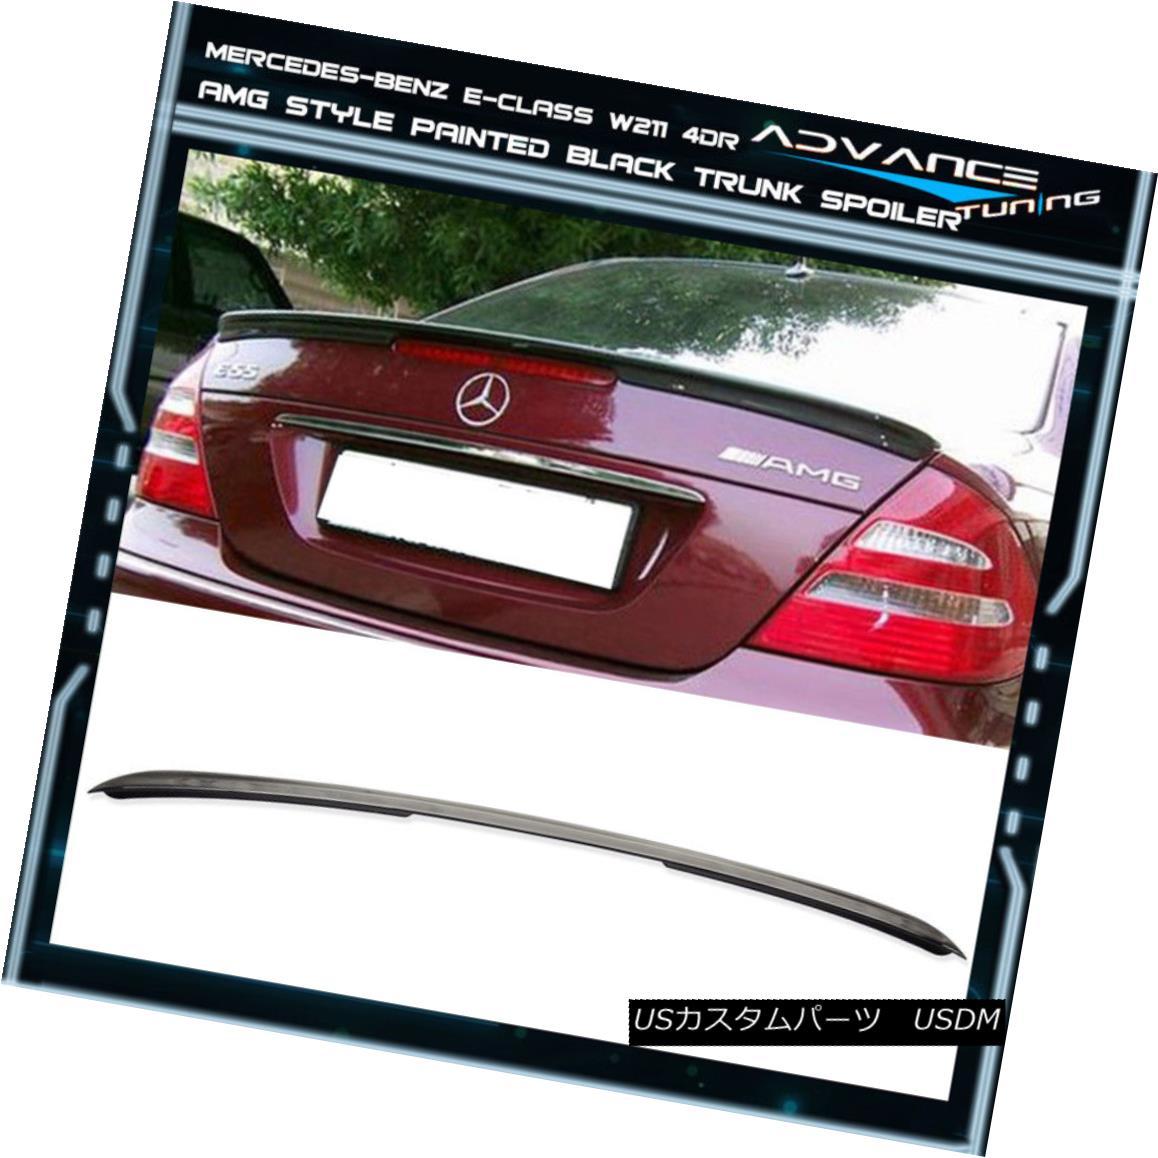 エアロパーツ 03-09 Benz E-Class W211 4Dr Trunk Spoiler ABS OEM Painted Color # 040 Black 03-09ベンツEクラスW211 4DrトランクスポイラーABS OEM塗装カラー#040ブラック